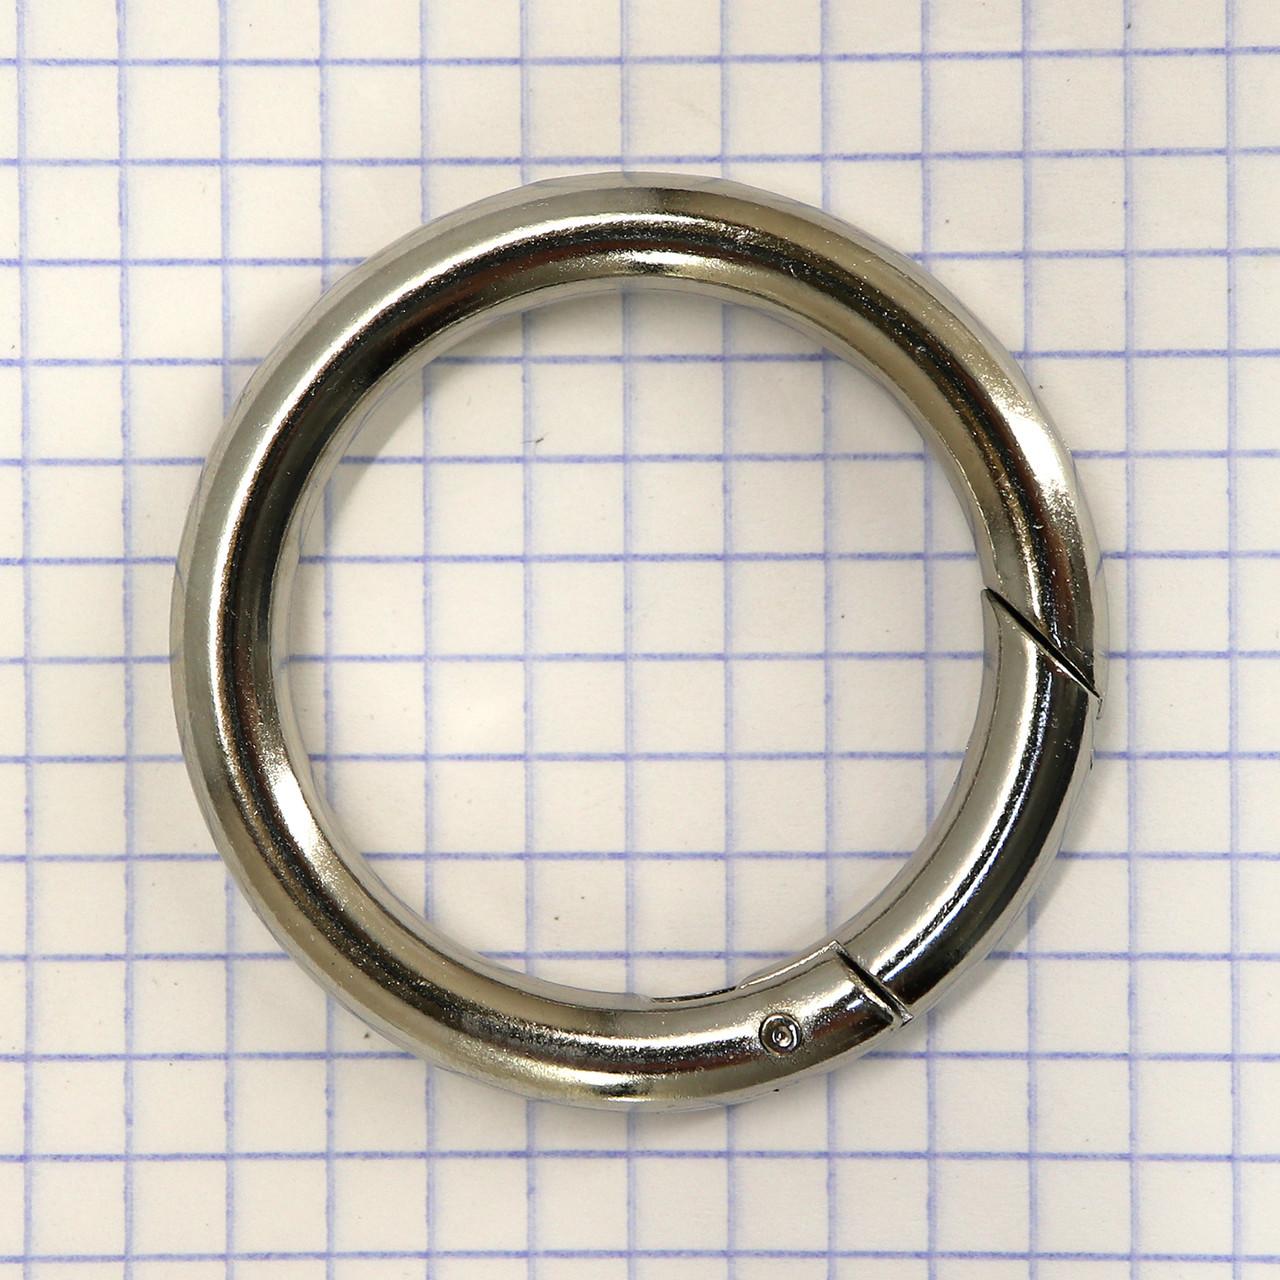 Кольцо карабин 34*6 мм никель для сумок t5199 (2 шт.)